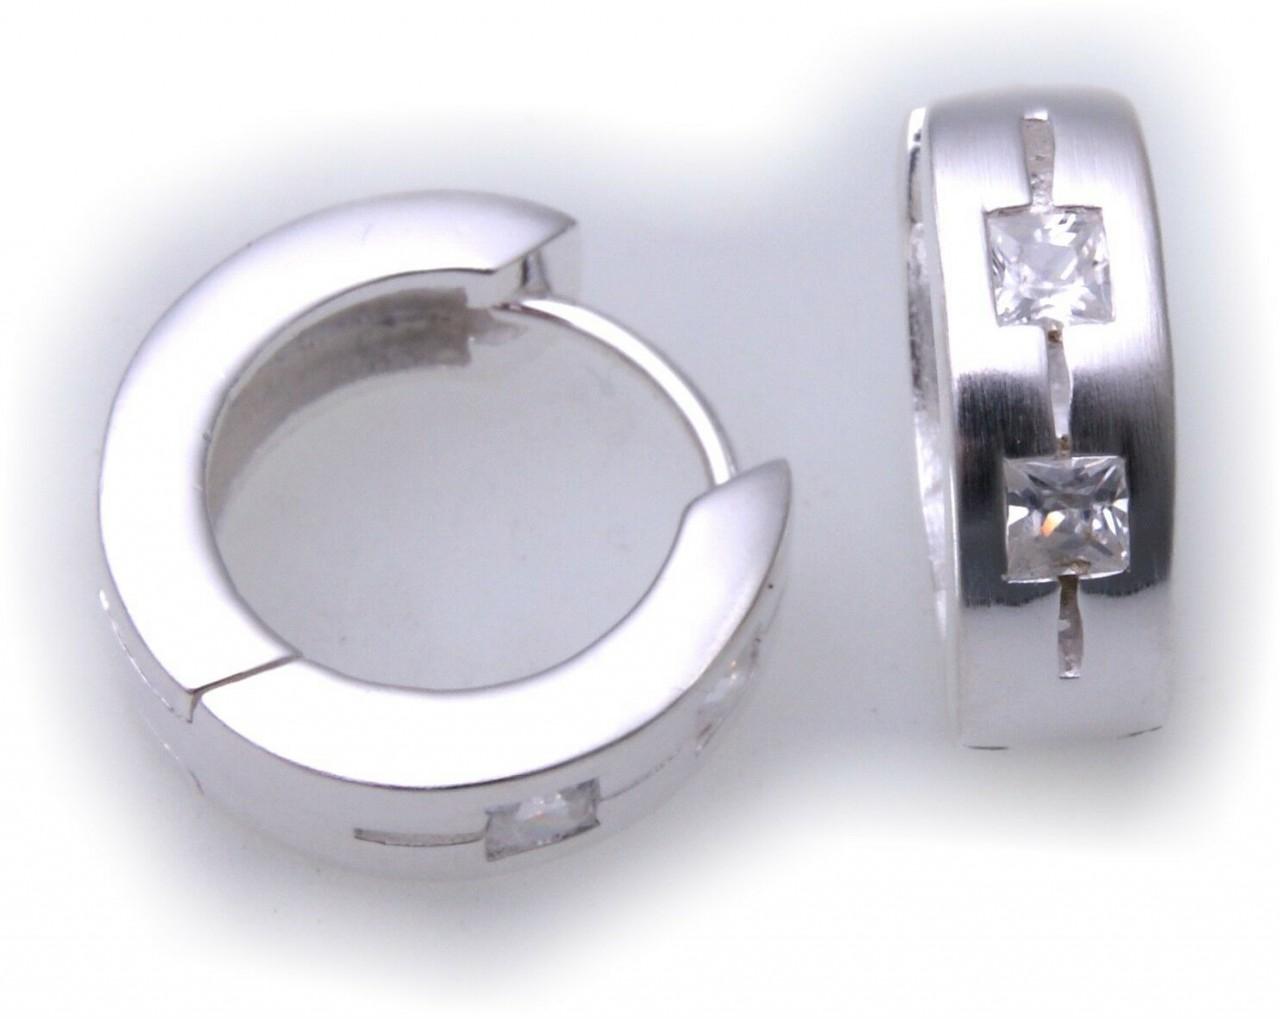 Kopie von edle Ohrringe Klapp Creolen Zirkonia echt Silber 925 Sterlingsilber BE6763 ZI